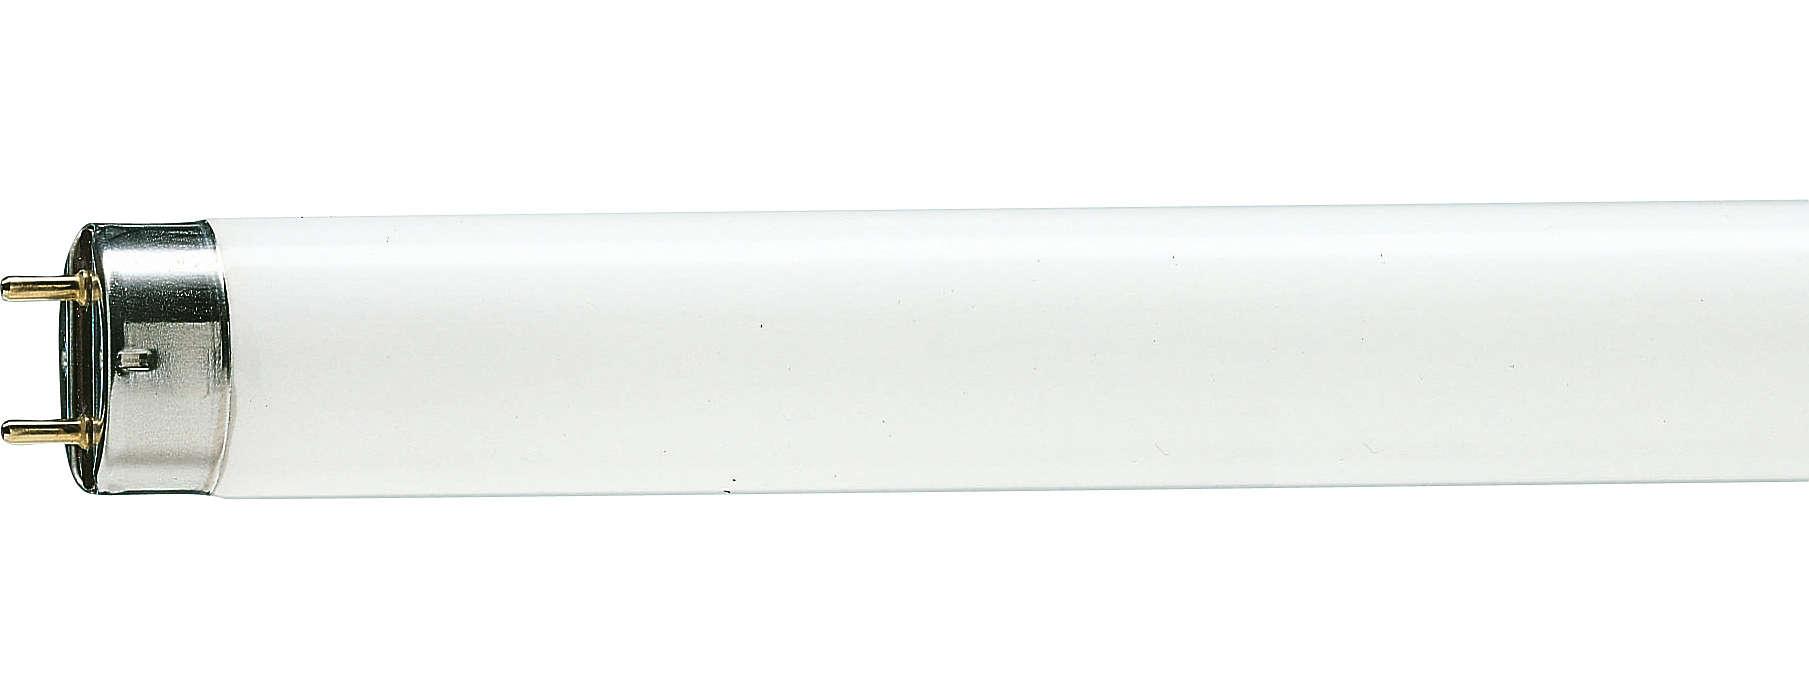 Basic fluorescent lighting